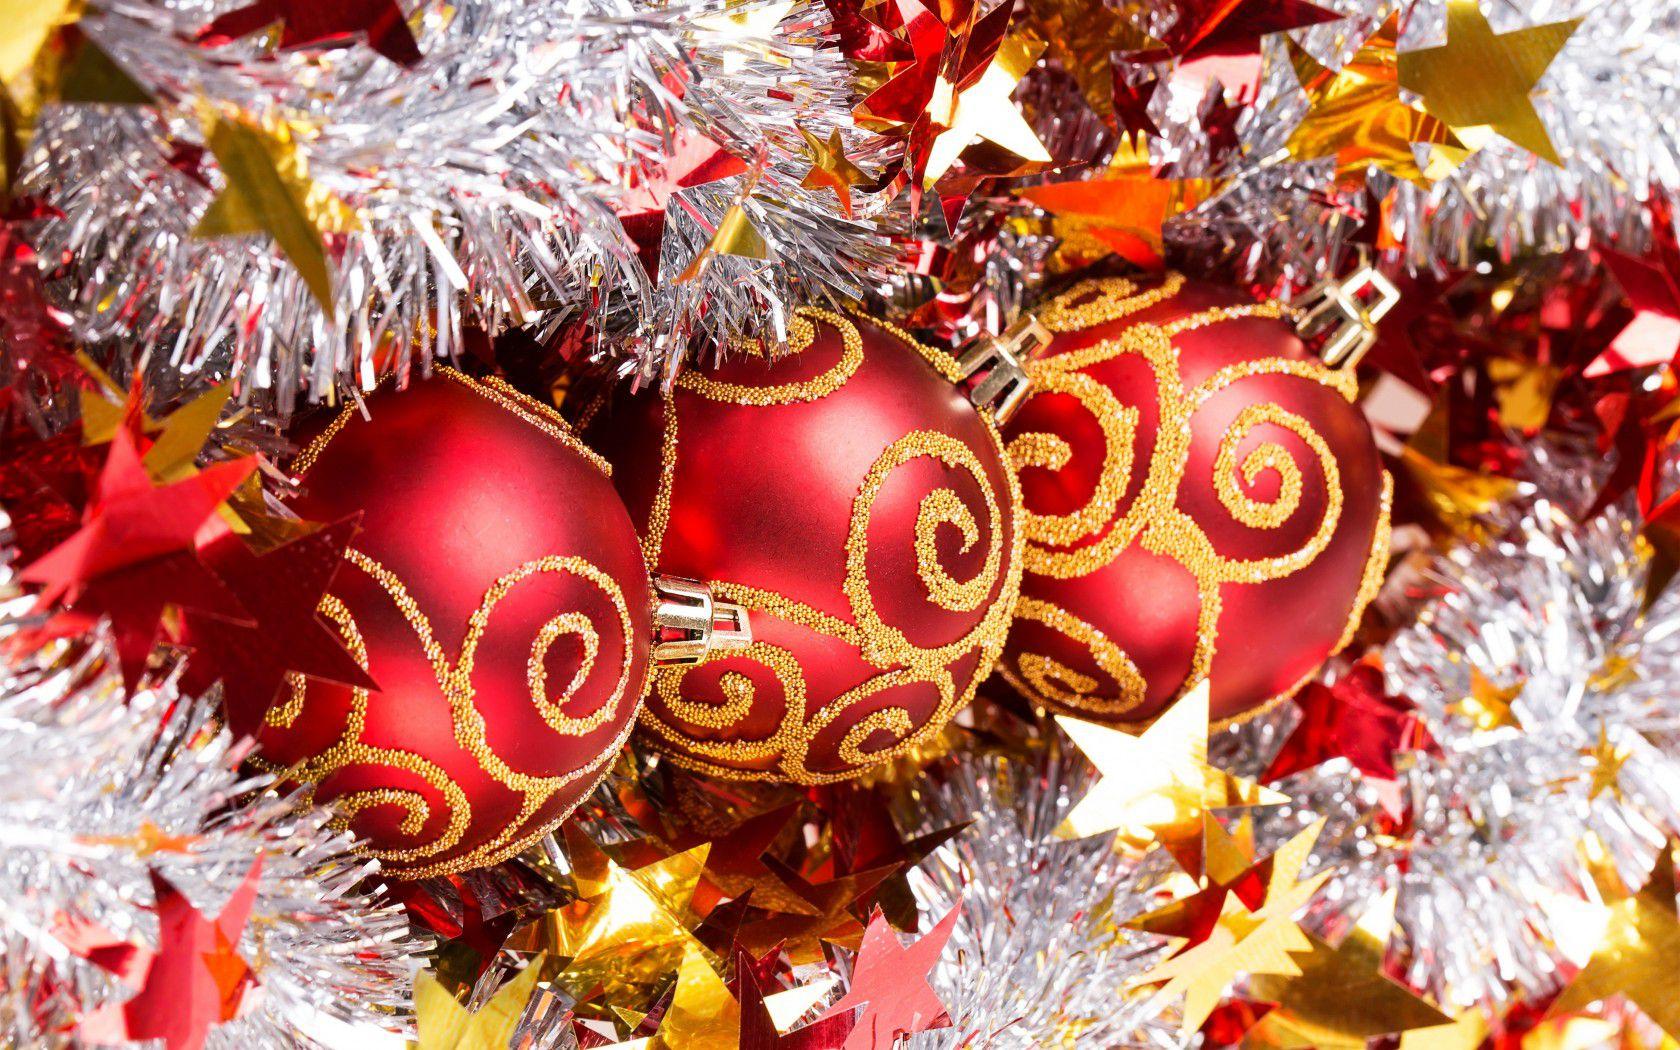 Новогодние праздники в отеле Bridge resort ГК 4*, 4 дня/3 ночи  от 9800 рублей